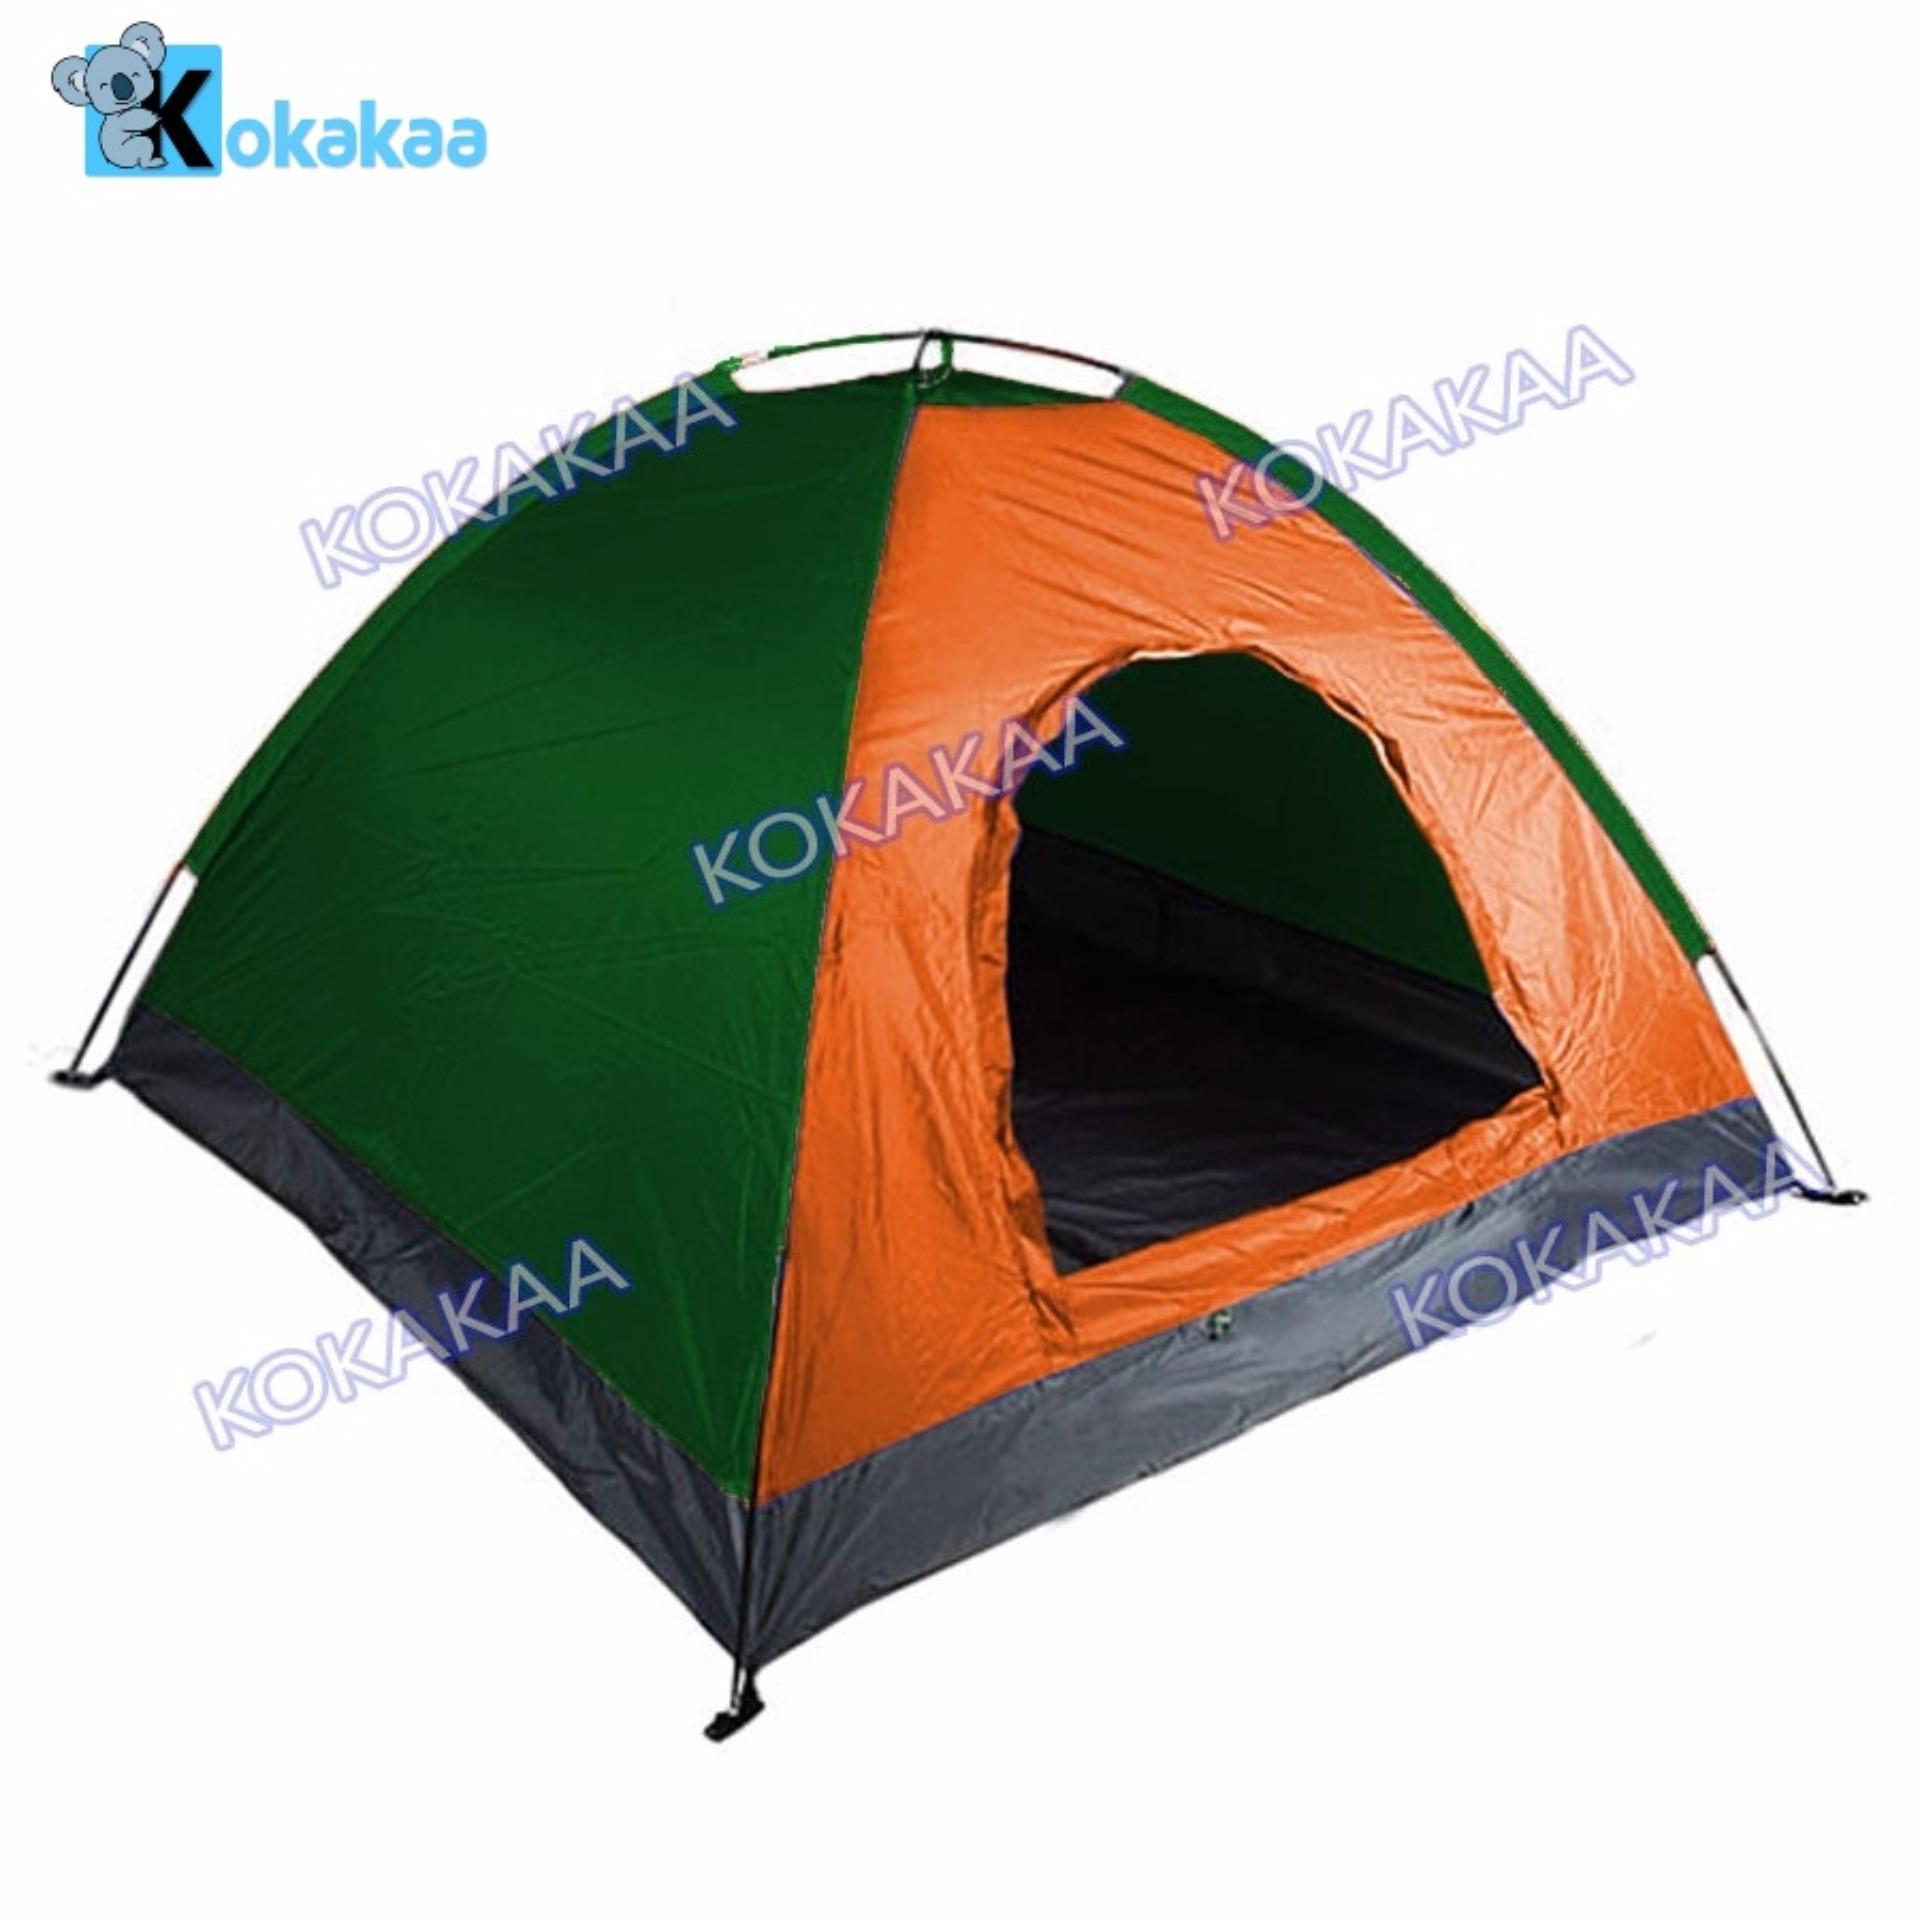 Toko Maxxio Tenda Camping 6 Orang 250Cm X 220Cm Pintu Double Layer Hijau Orange Murah Di Indonesia